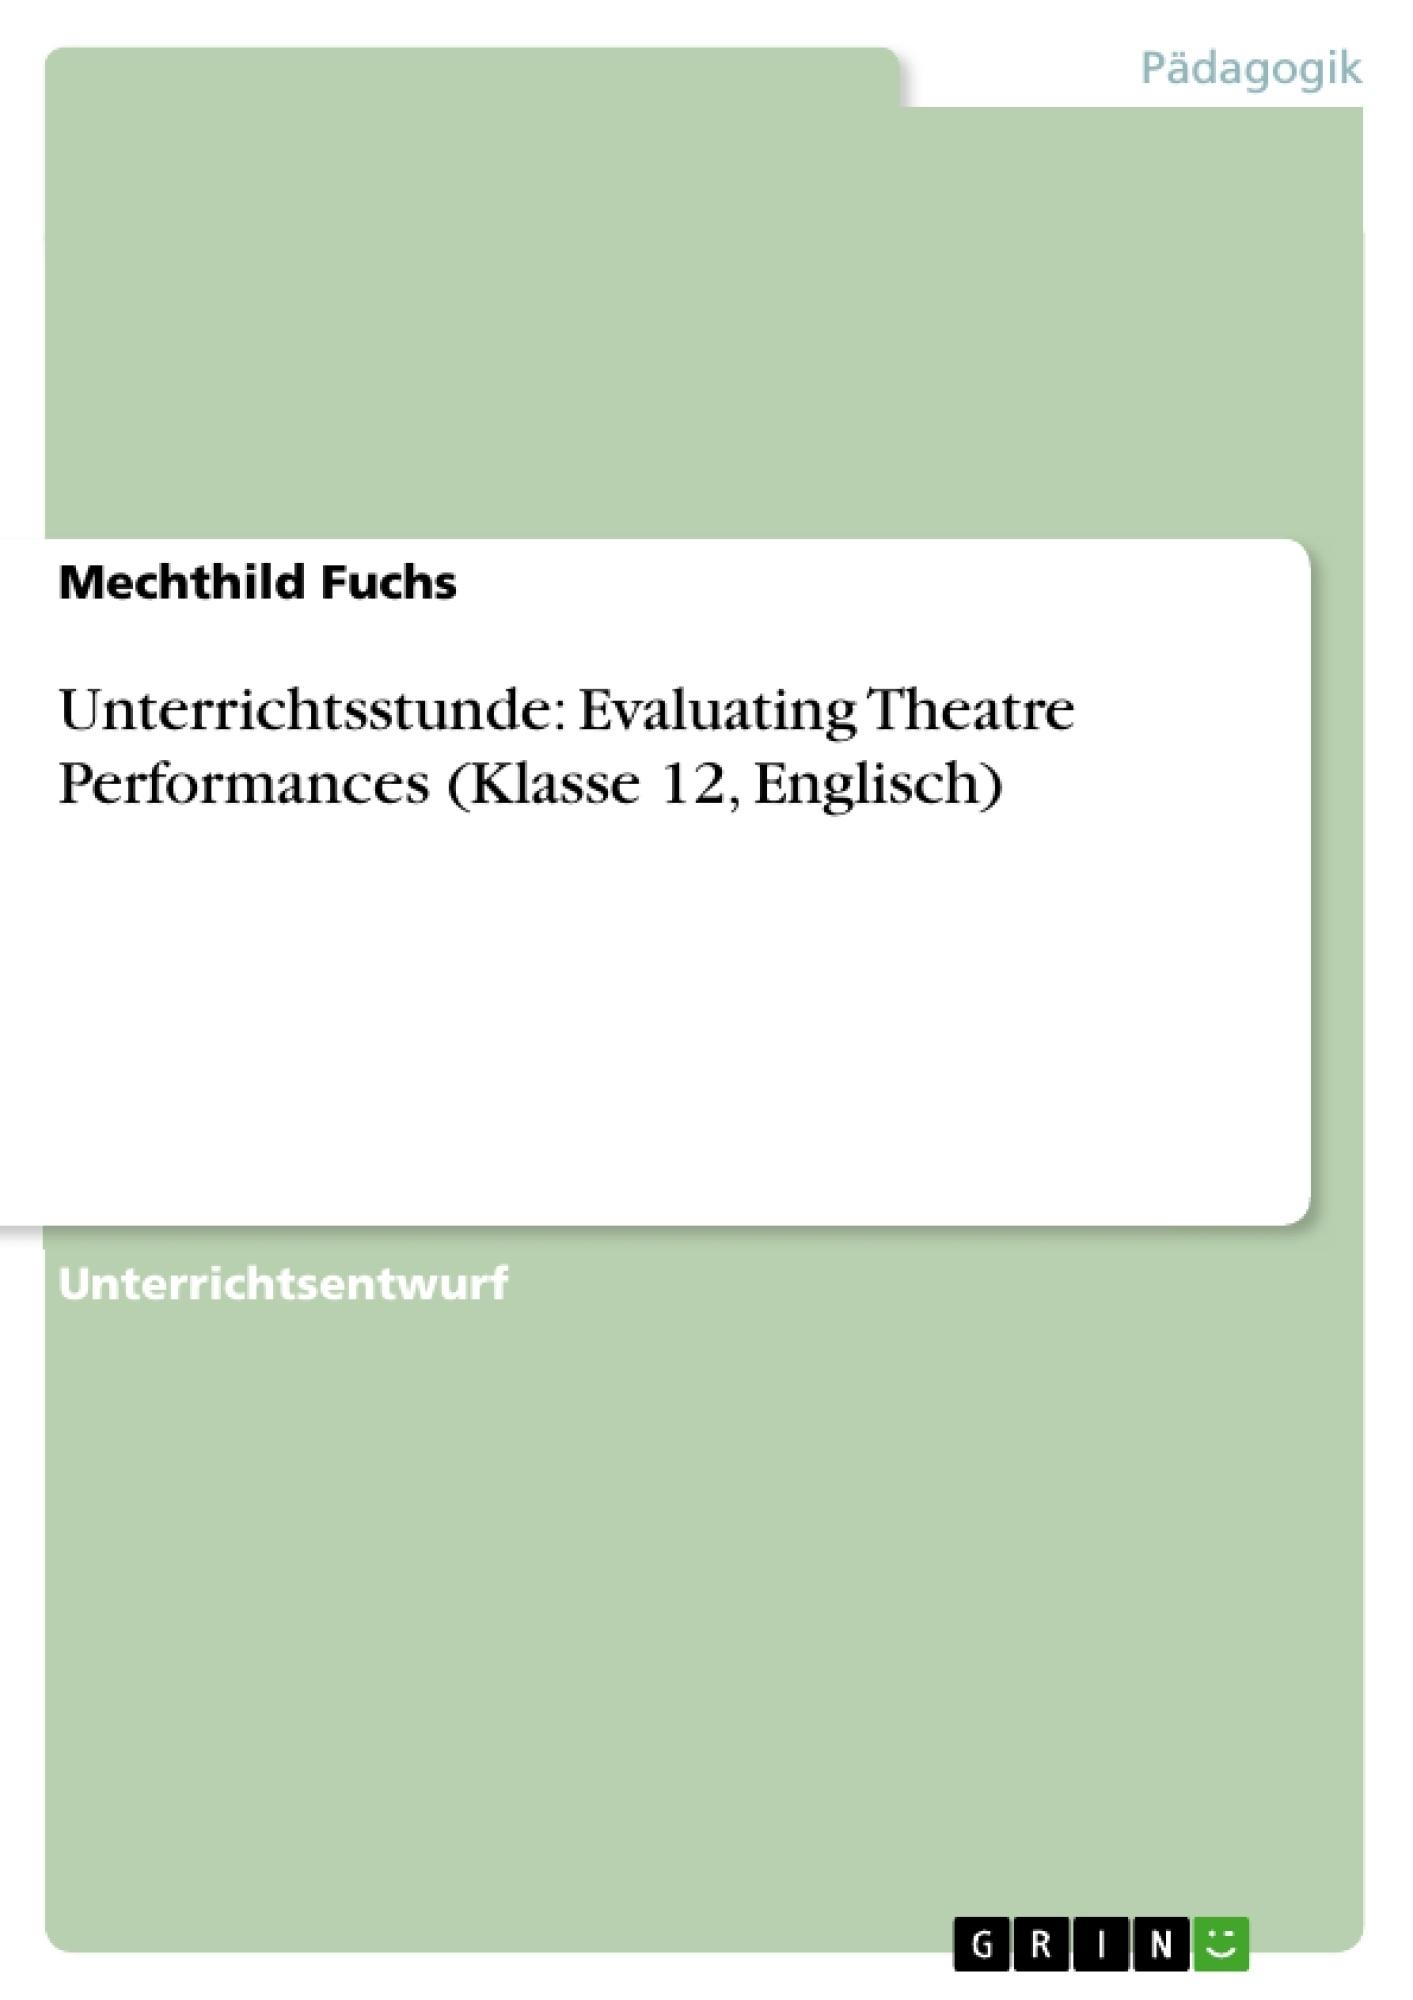 Titel: Unterrichtsstunde: Evaluating Theatre Performances (Klasse 12, Englisch)